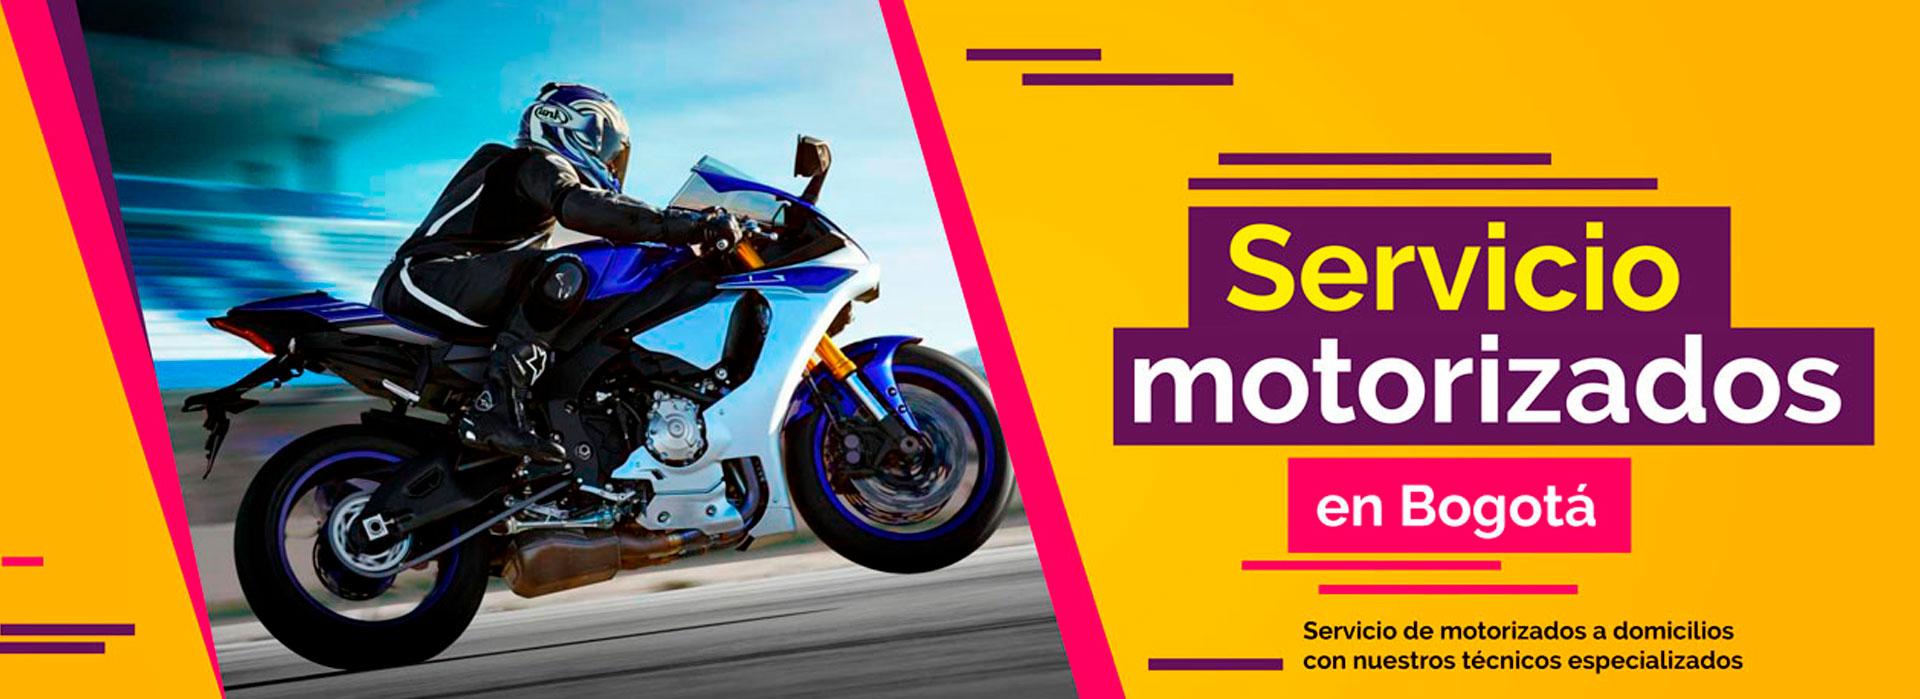 Banner-moto3